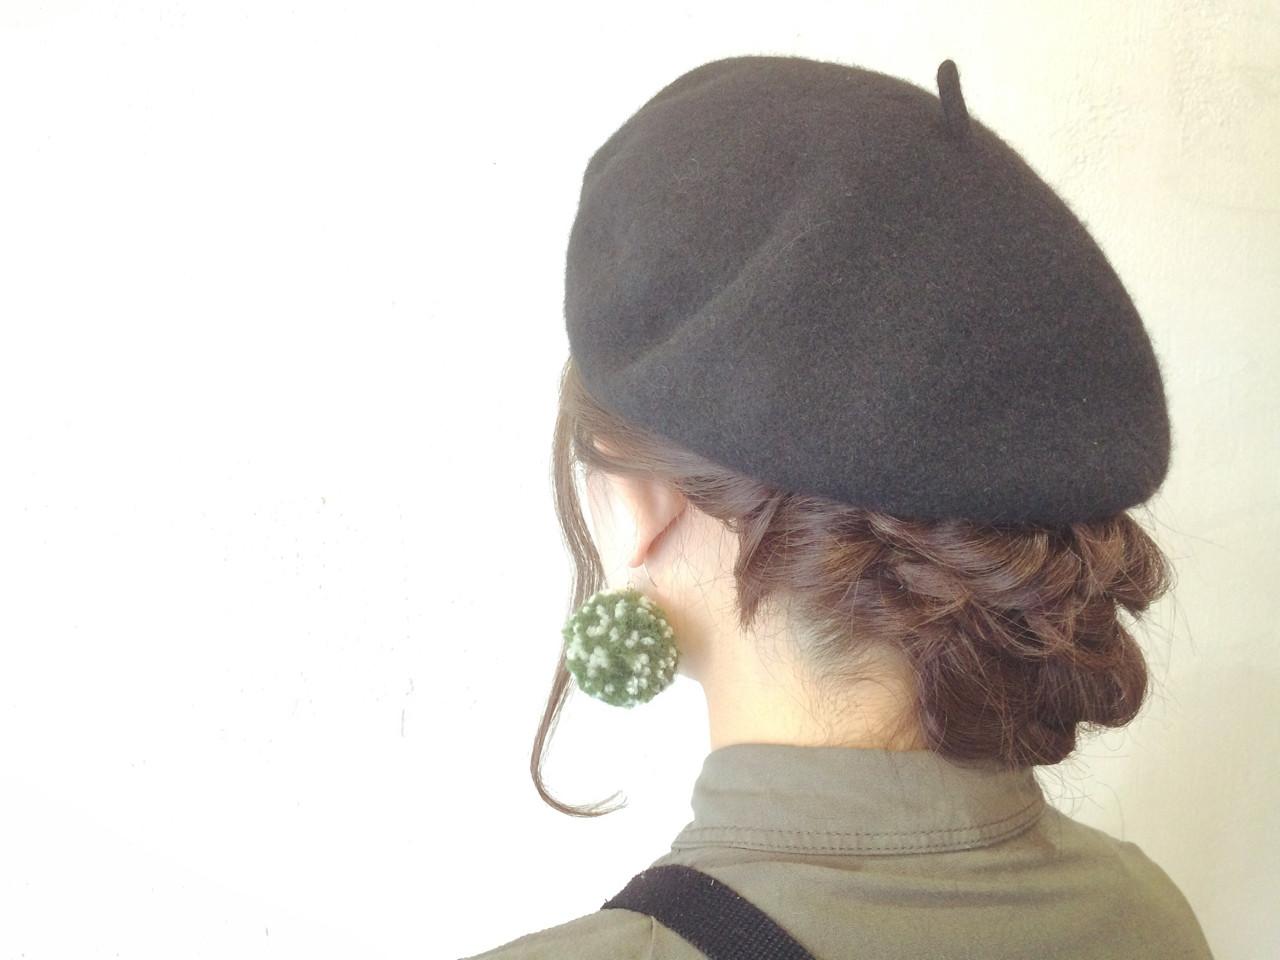 ヘアアレンジでベレー帽の被り方を格上げ!知的ガールの髪型